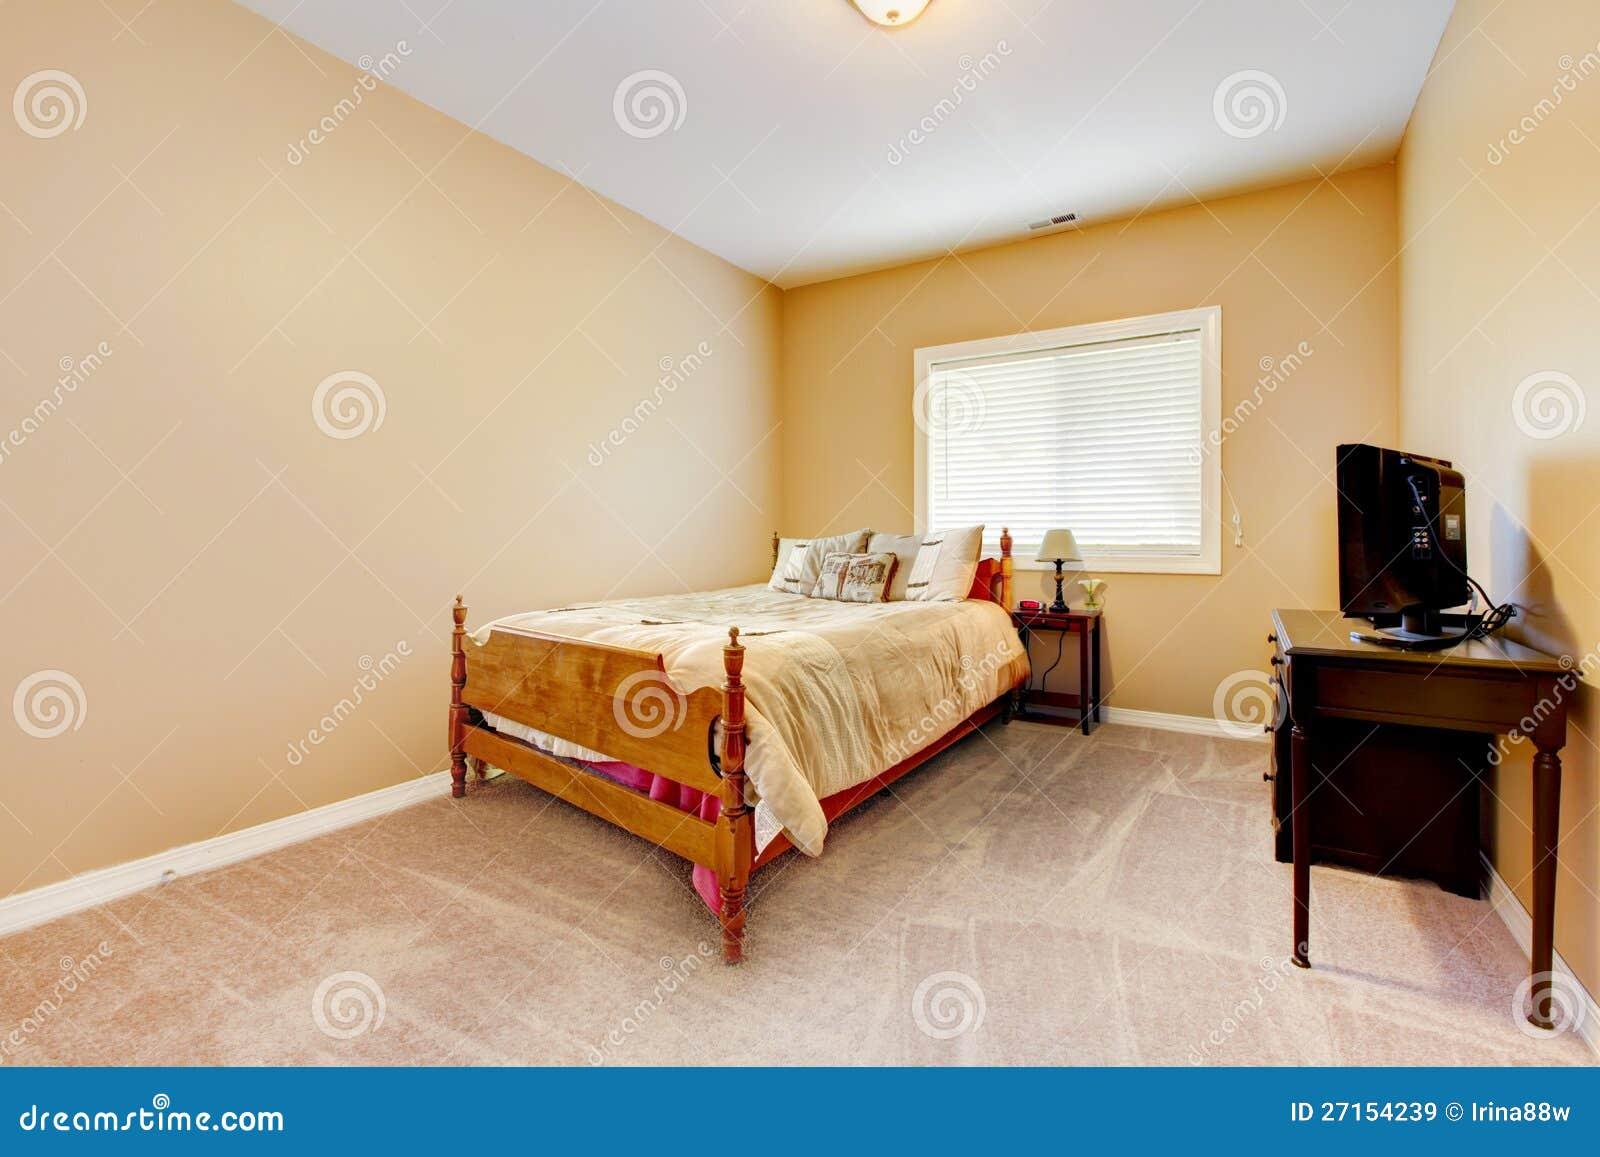 Pareti Bianche E Beige : Grande camera da letto con le pareti gialle e la moquette beige